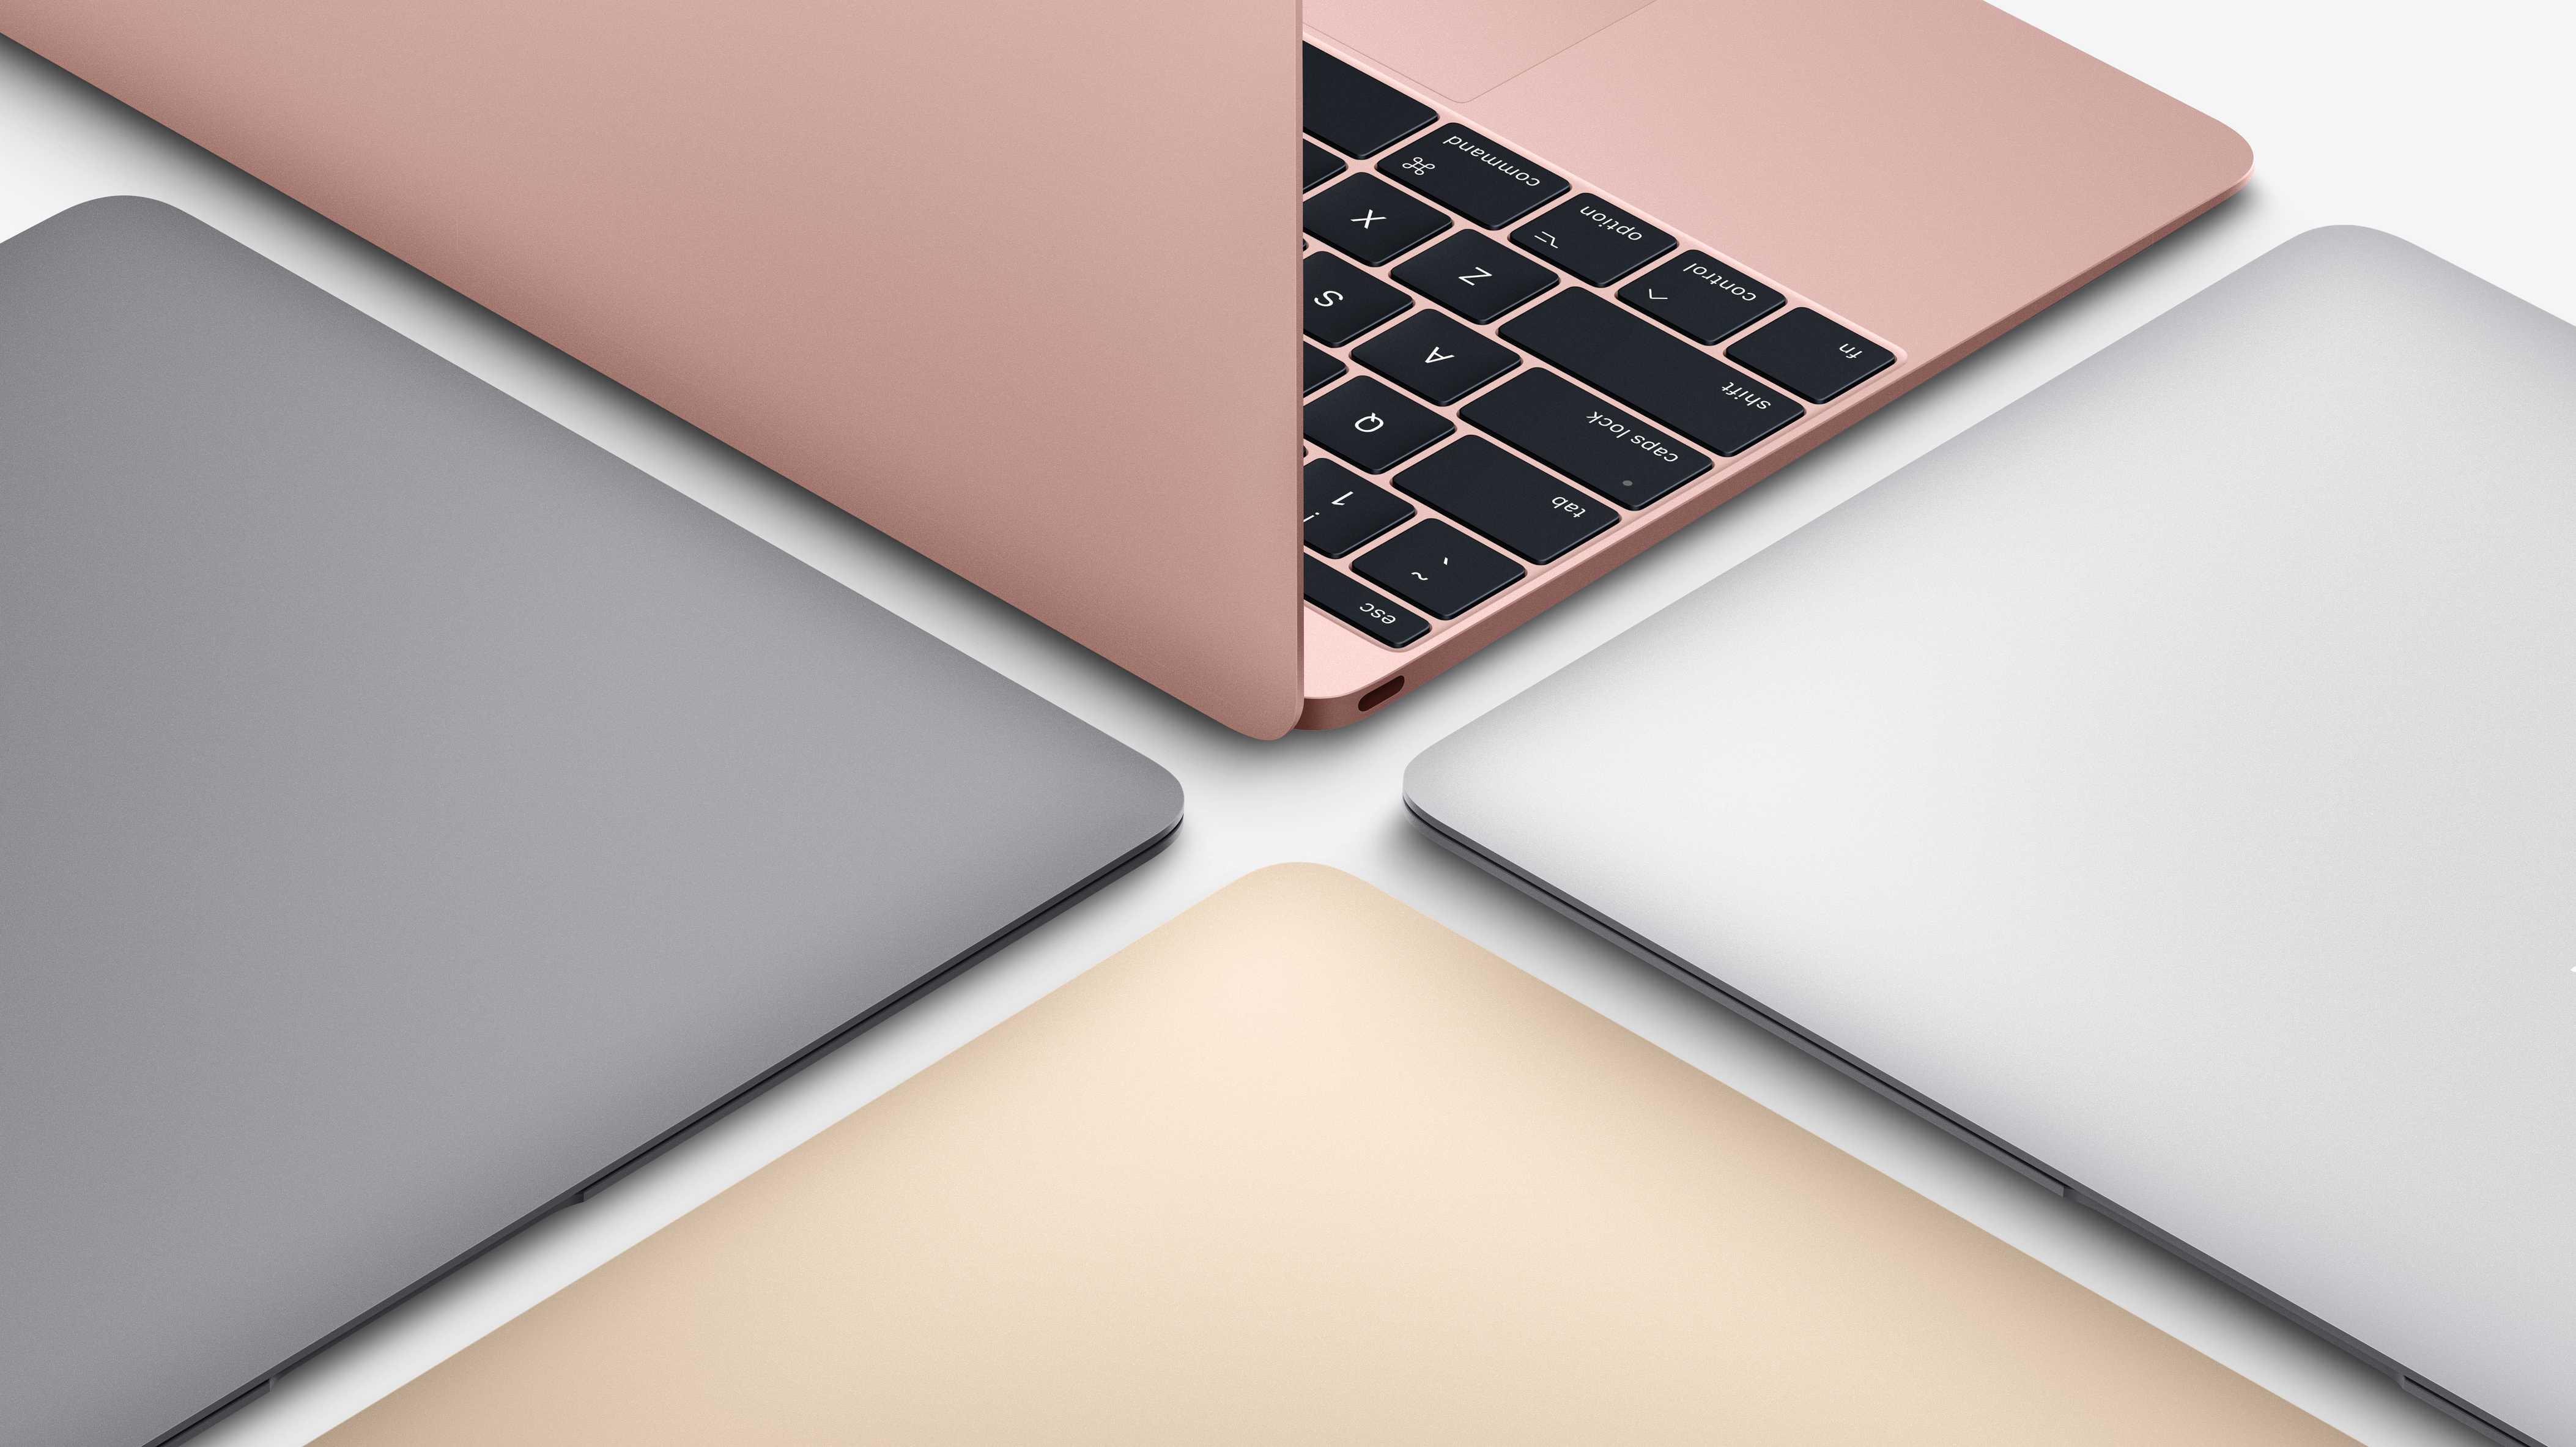 Macbook Bunt